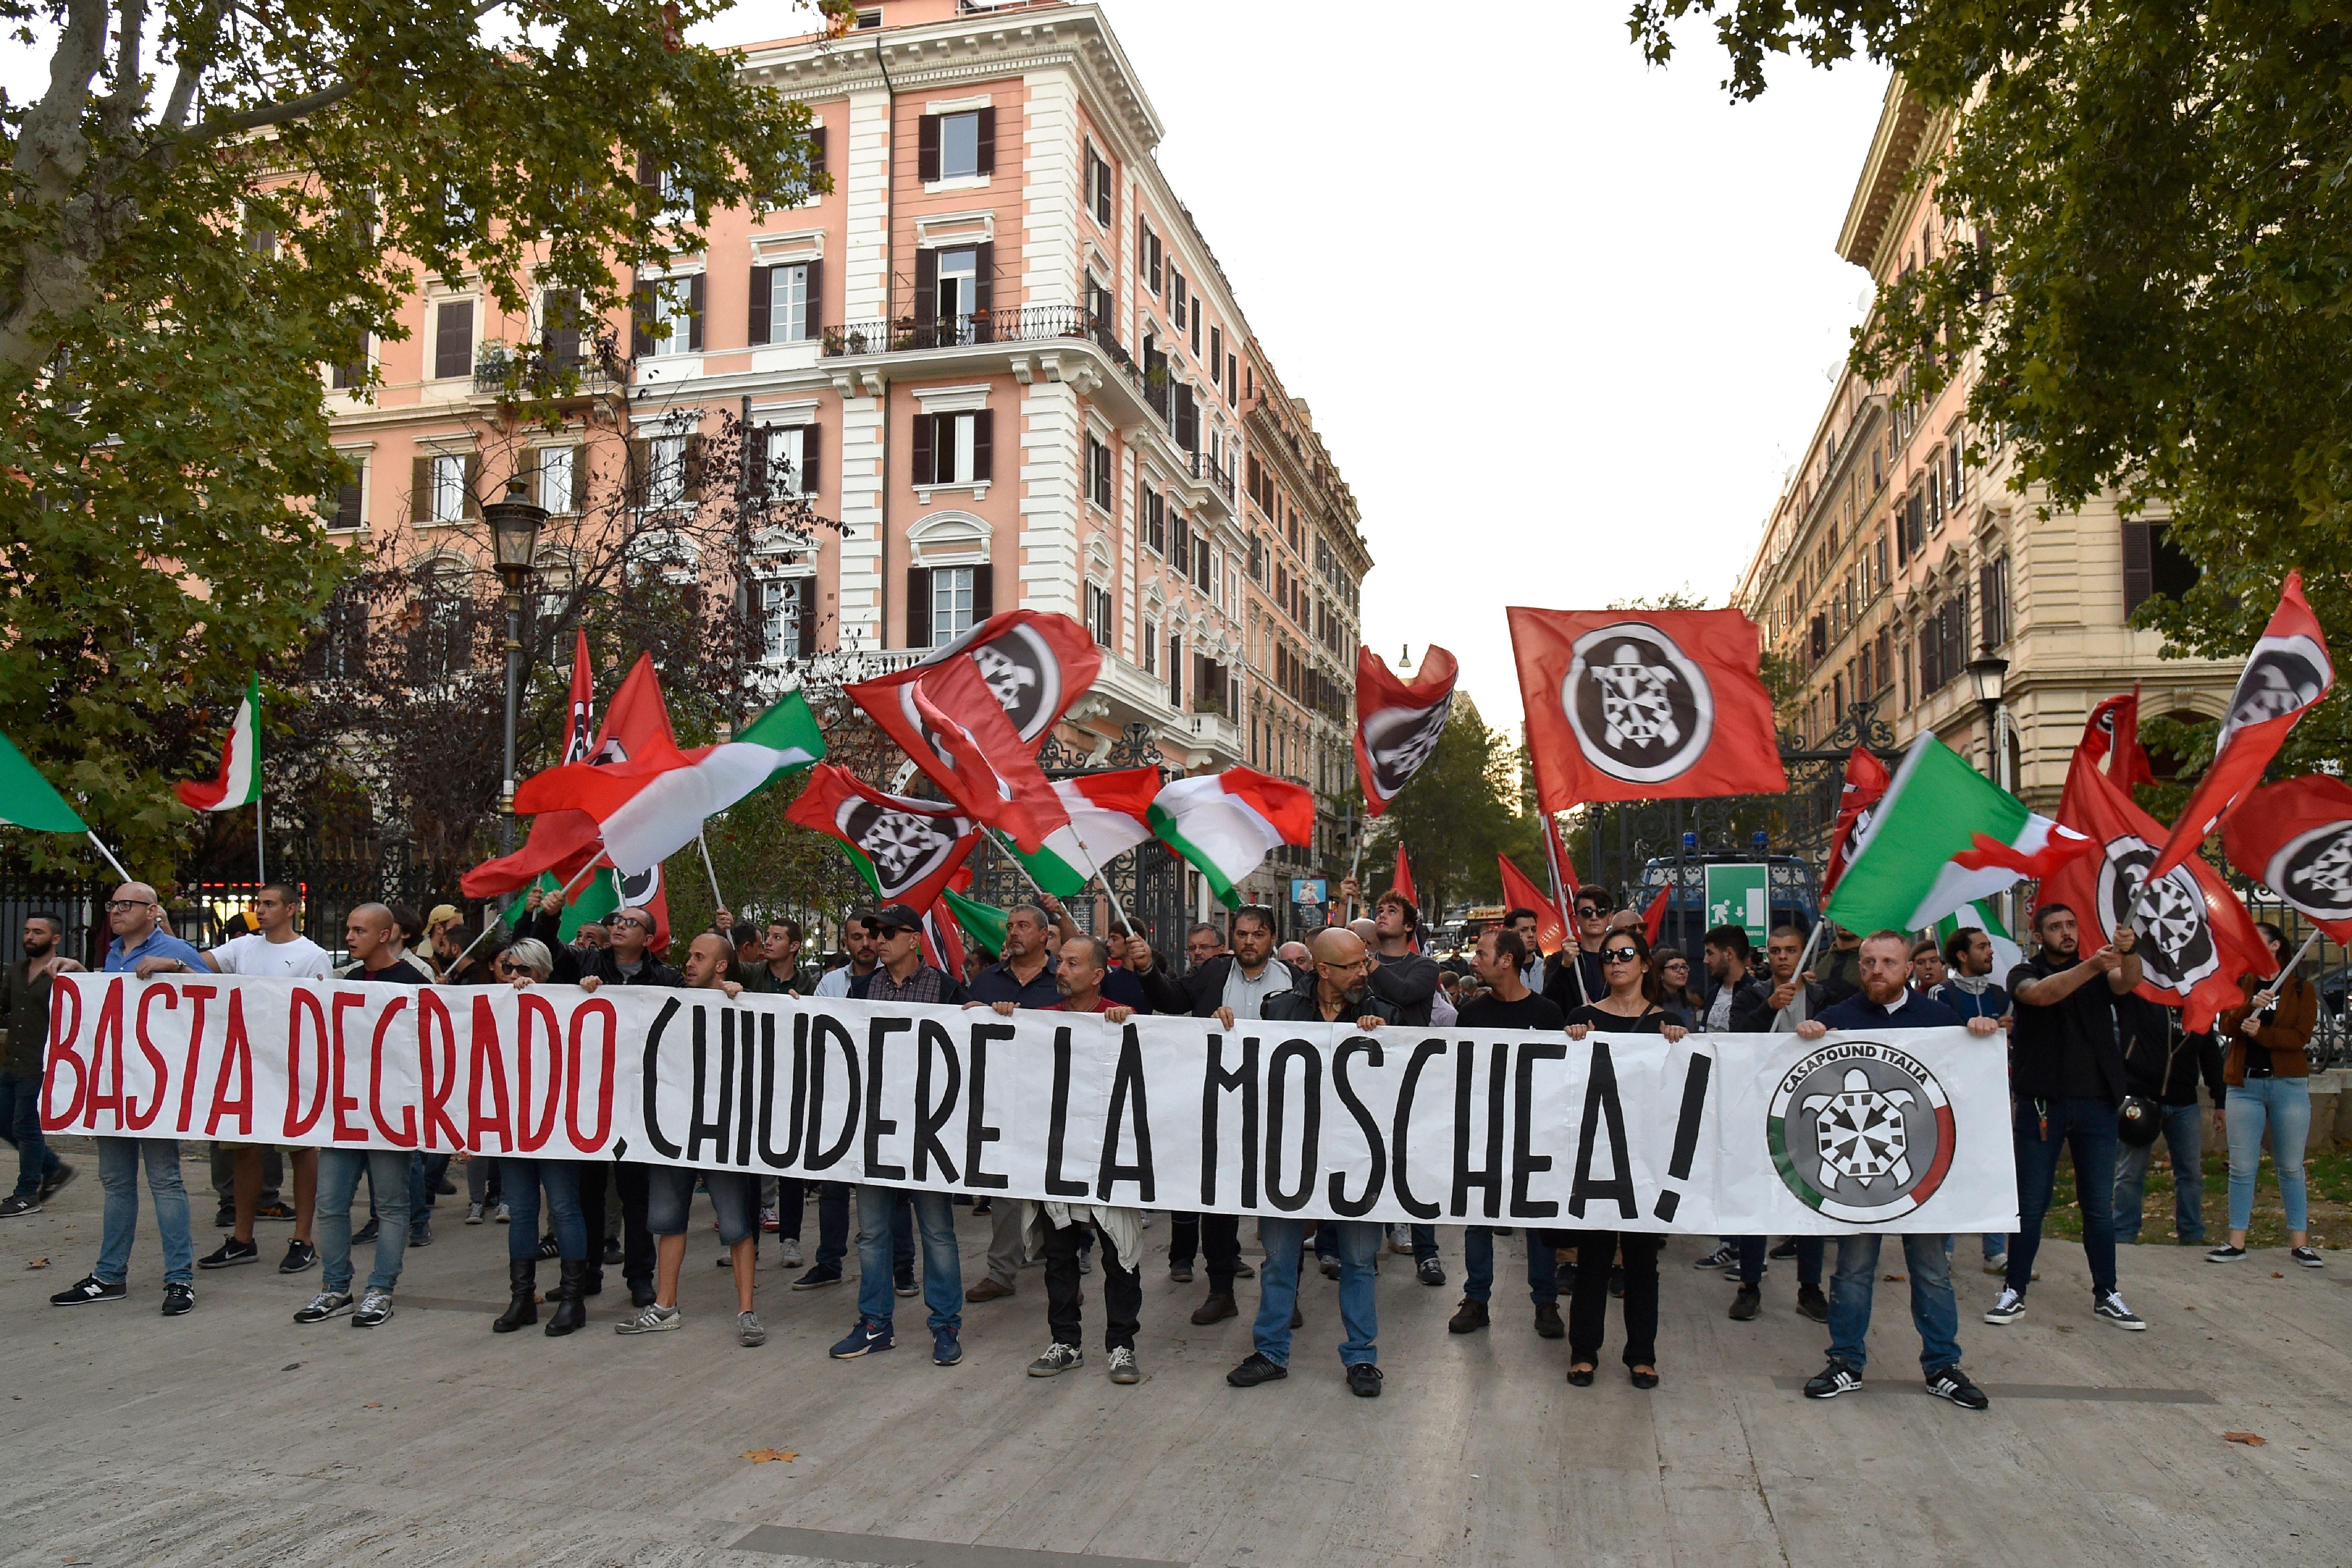 Roberto Spada arrested for attacking RAI crew members